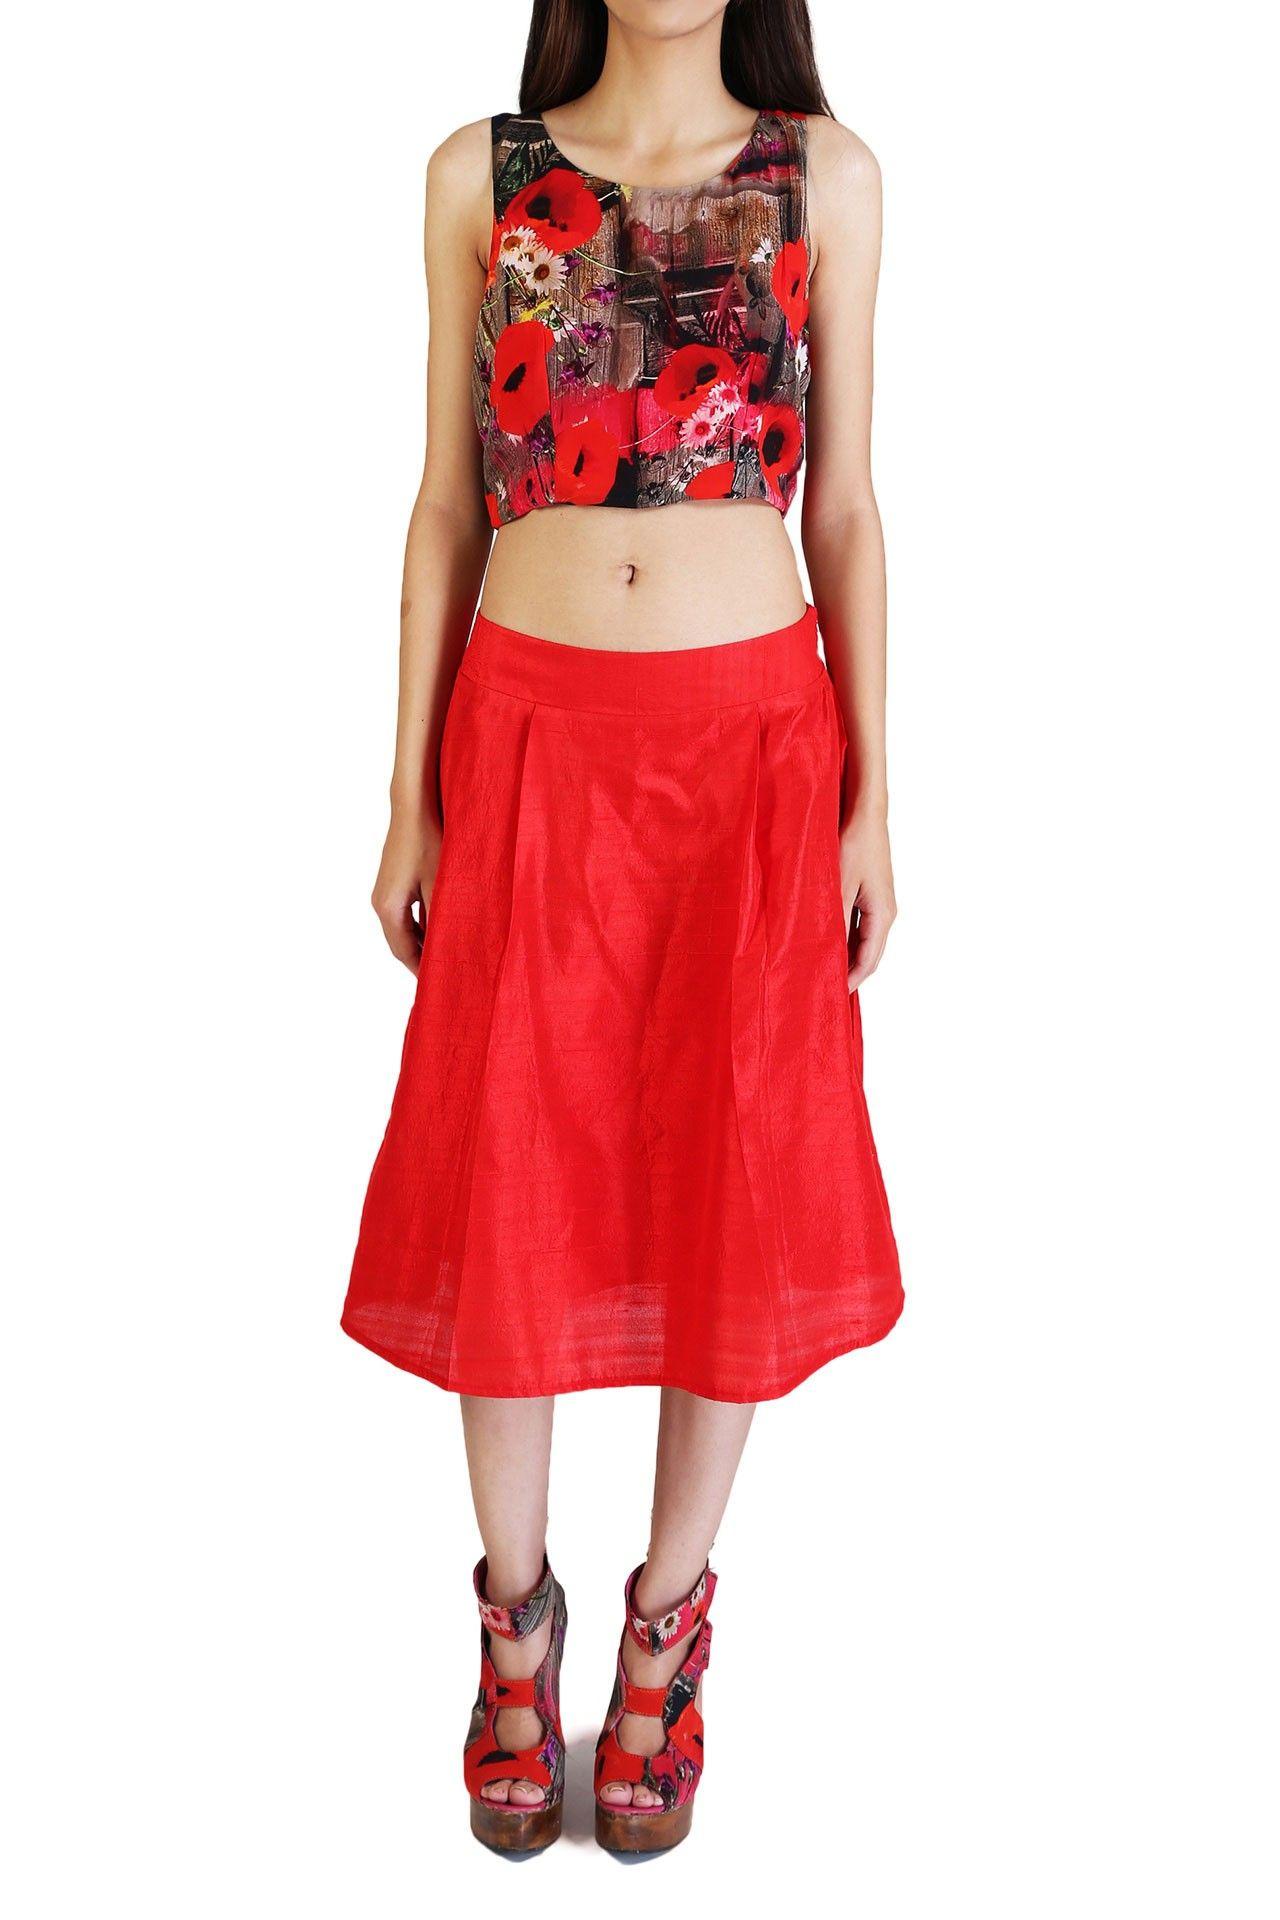 Red trend carpet full tulip skirts 2019